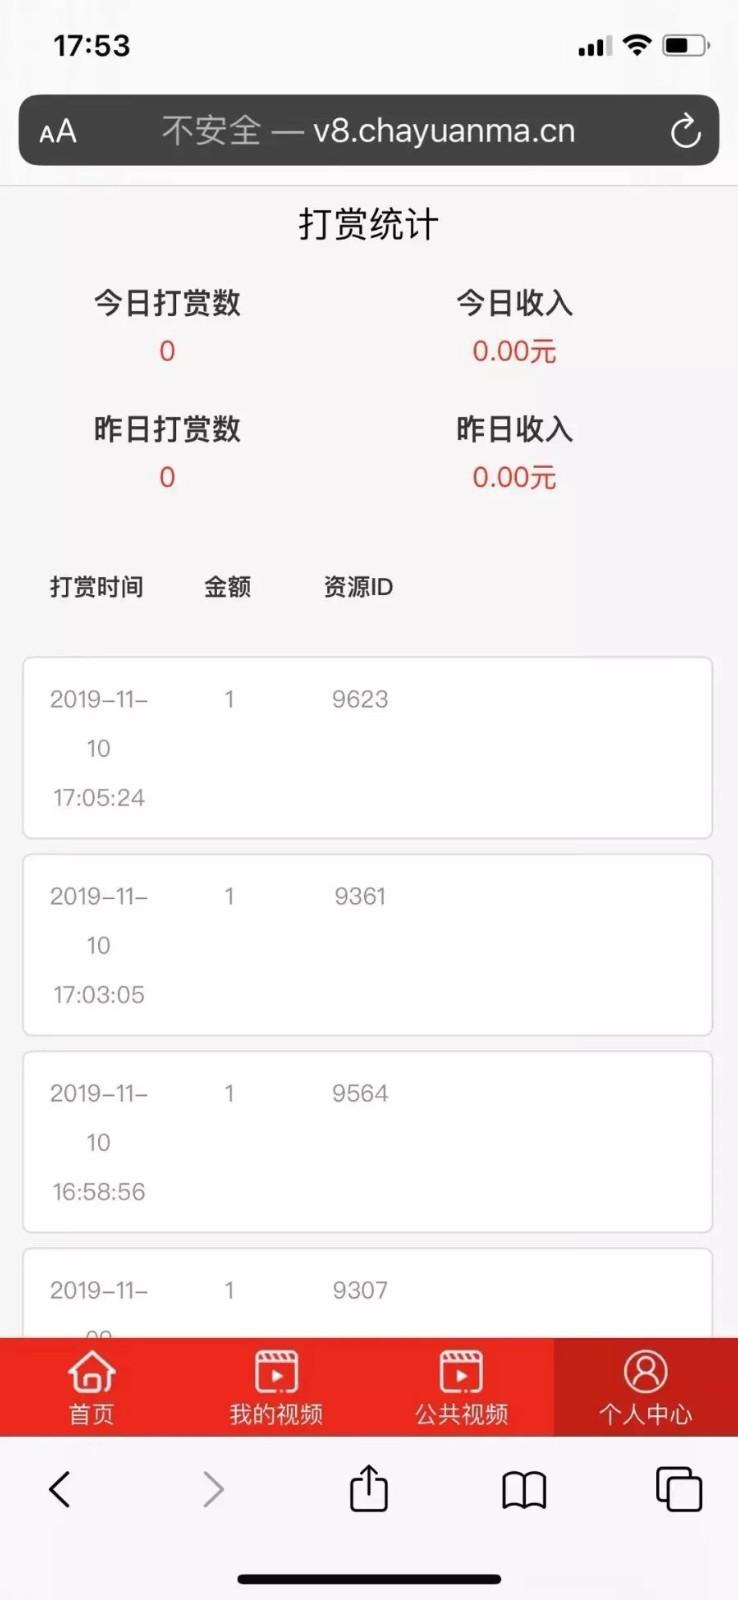 2019云赏V8.1视频付费打赏源码